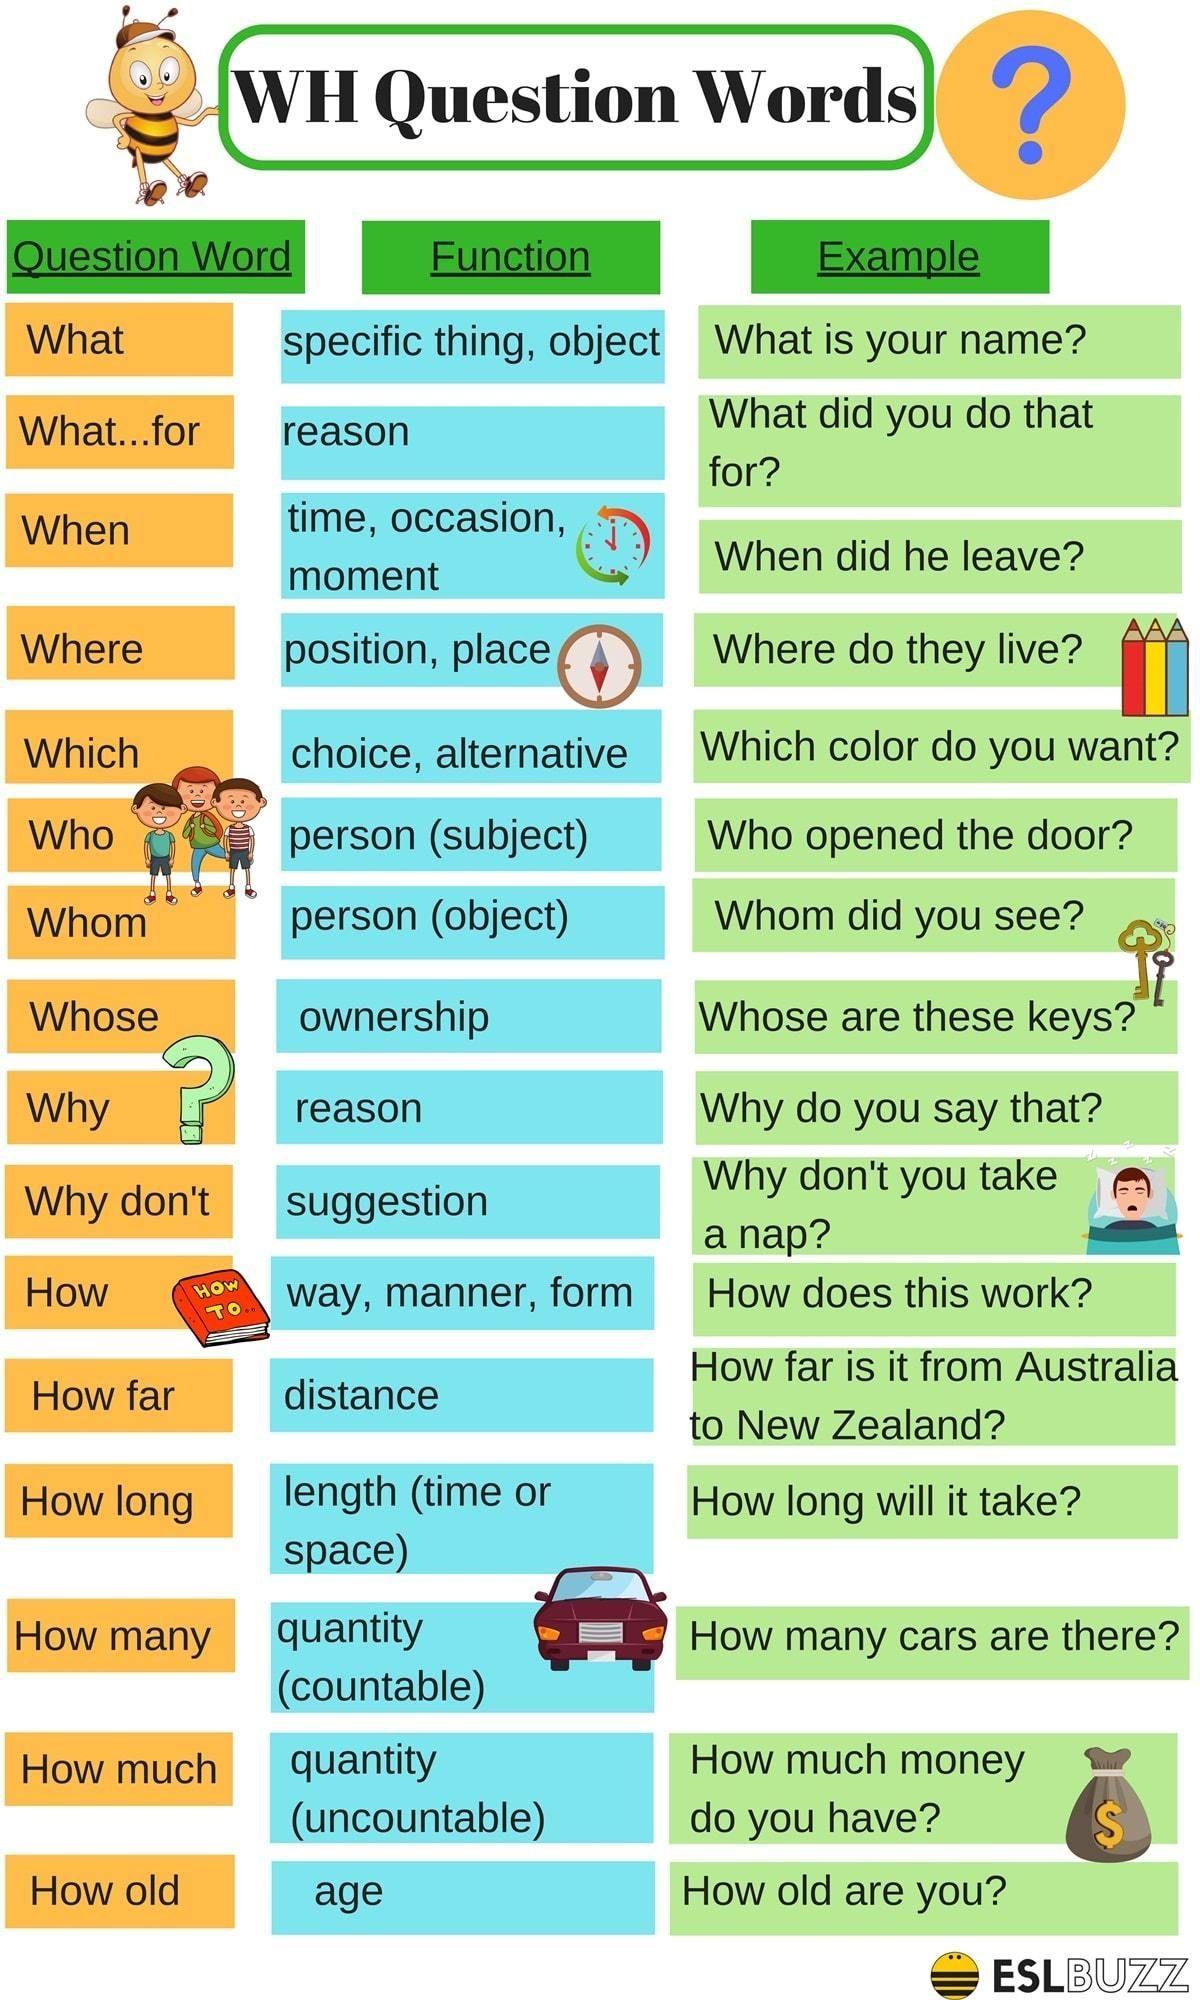 Wh Question Words Preguntas Al Azar Como Aprender Ingles Basico Educacion Ingles